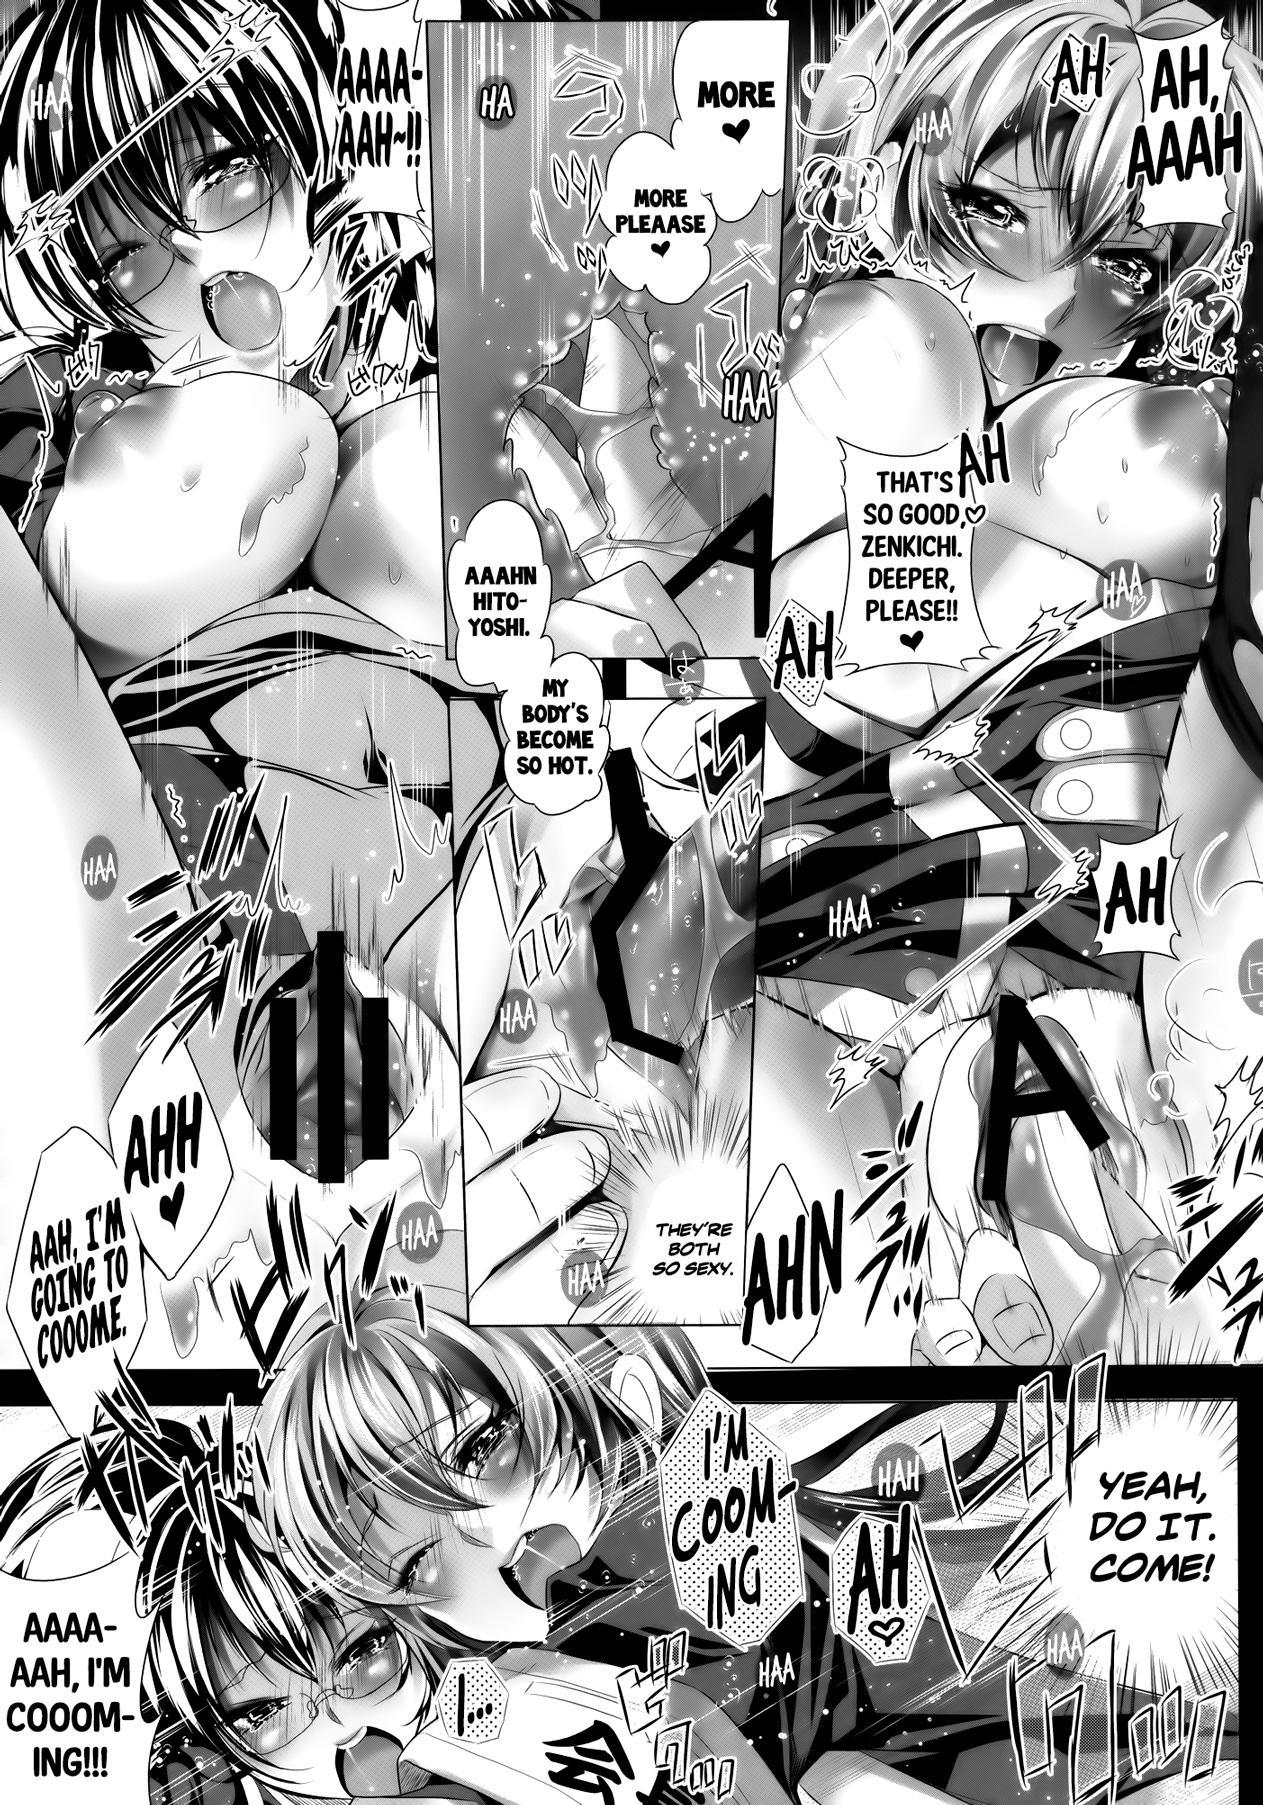 Medaka-chan Bakko Bako! 13